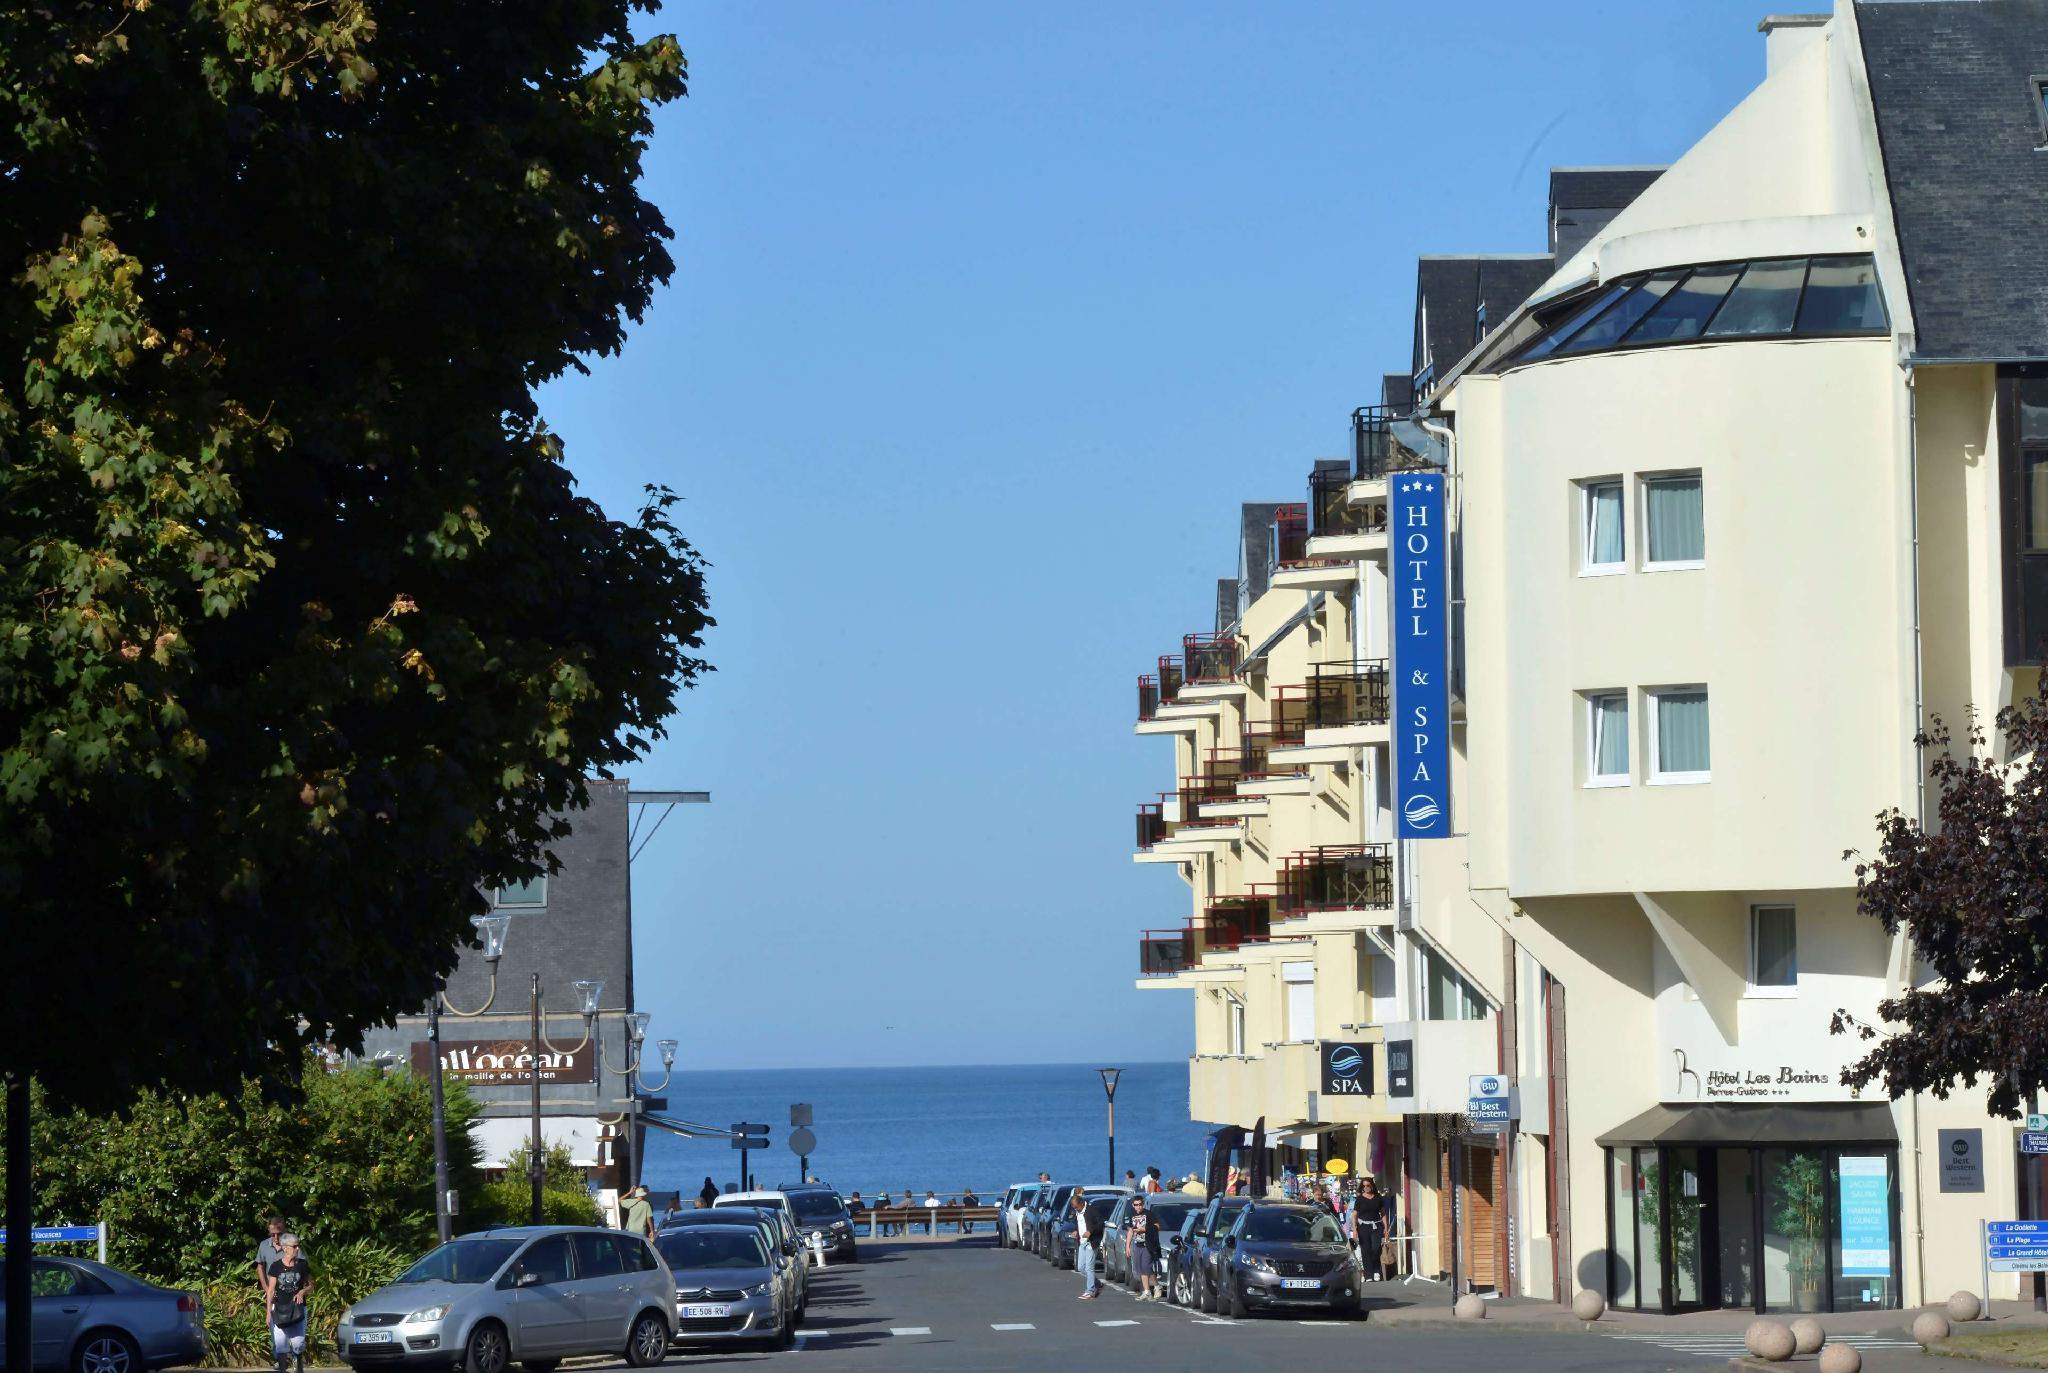 Best Western Les Bains De Perros Guirec Hotel Et Spa